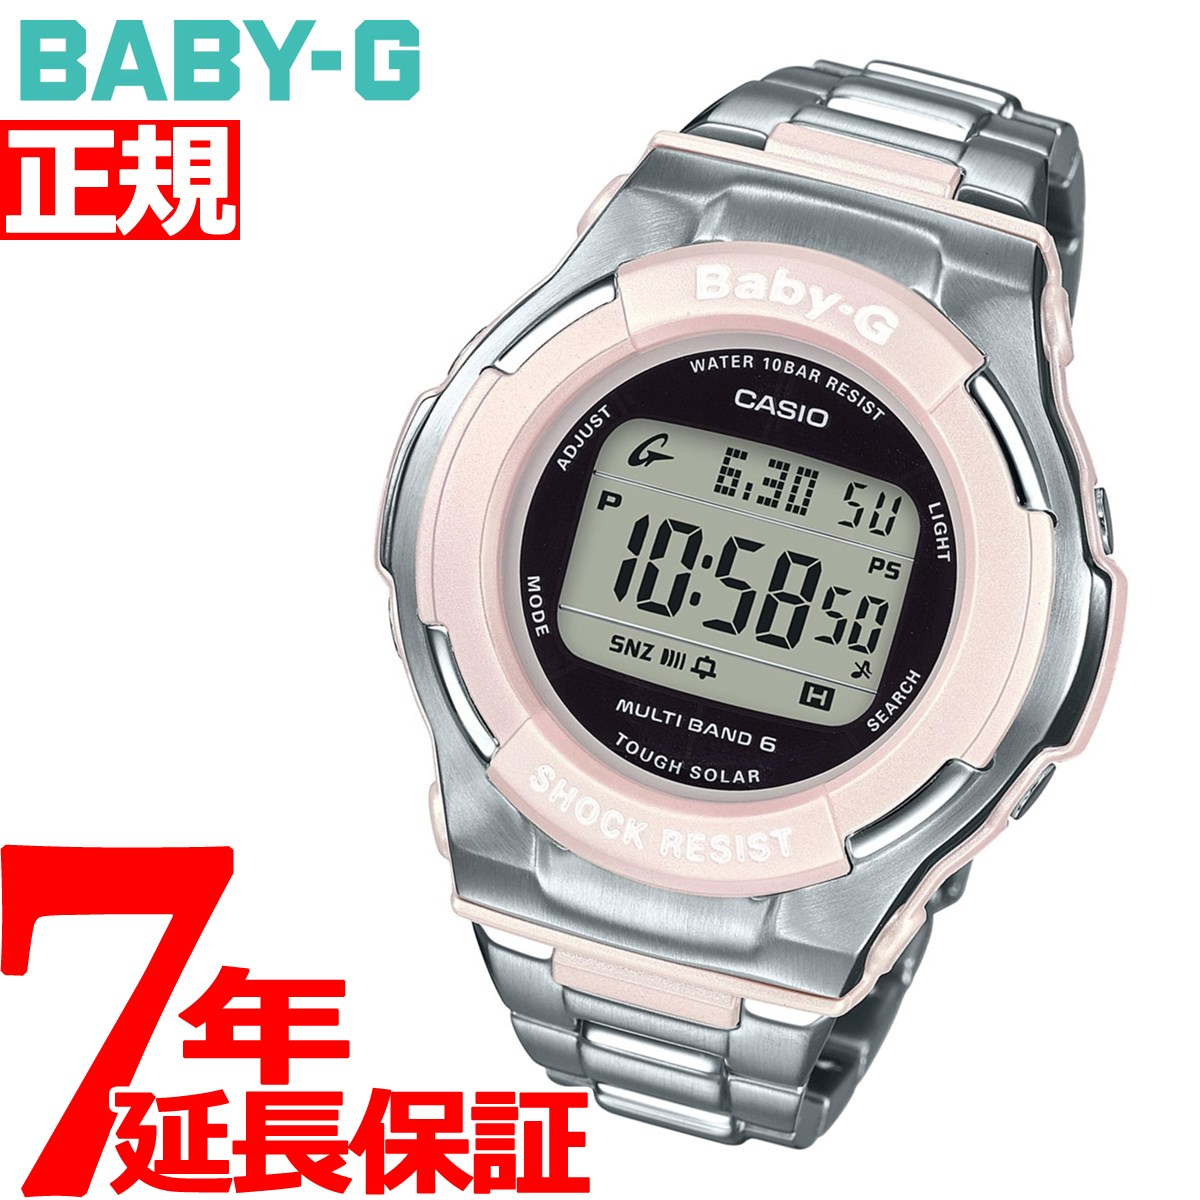 カシオ ベビーG CASIO BABY-G 電波 ソーラー 電波時計 腕時計 レディース ピンク デジタル タフソーラー BGD-1300D-4JF【正規品】